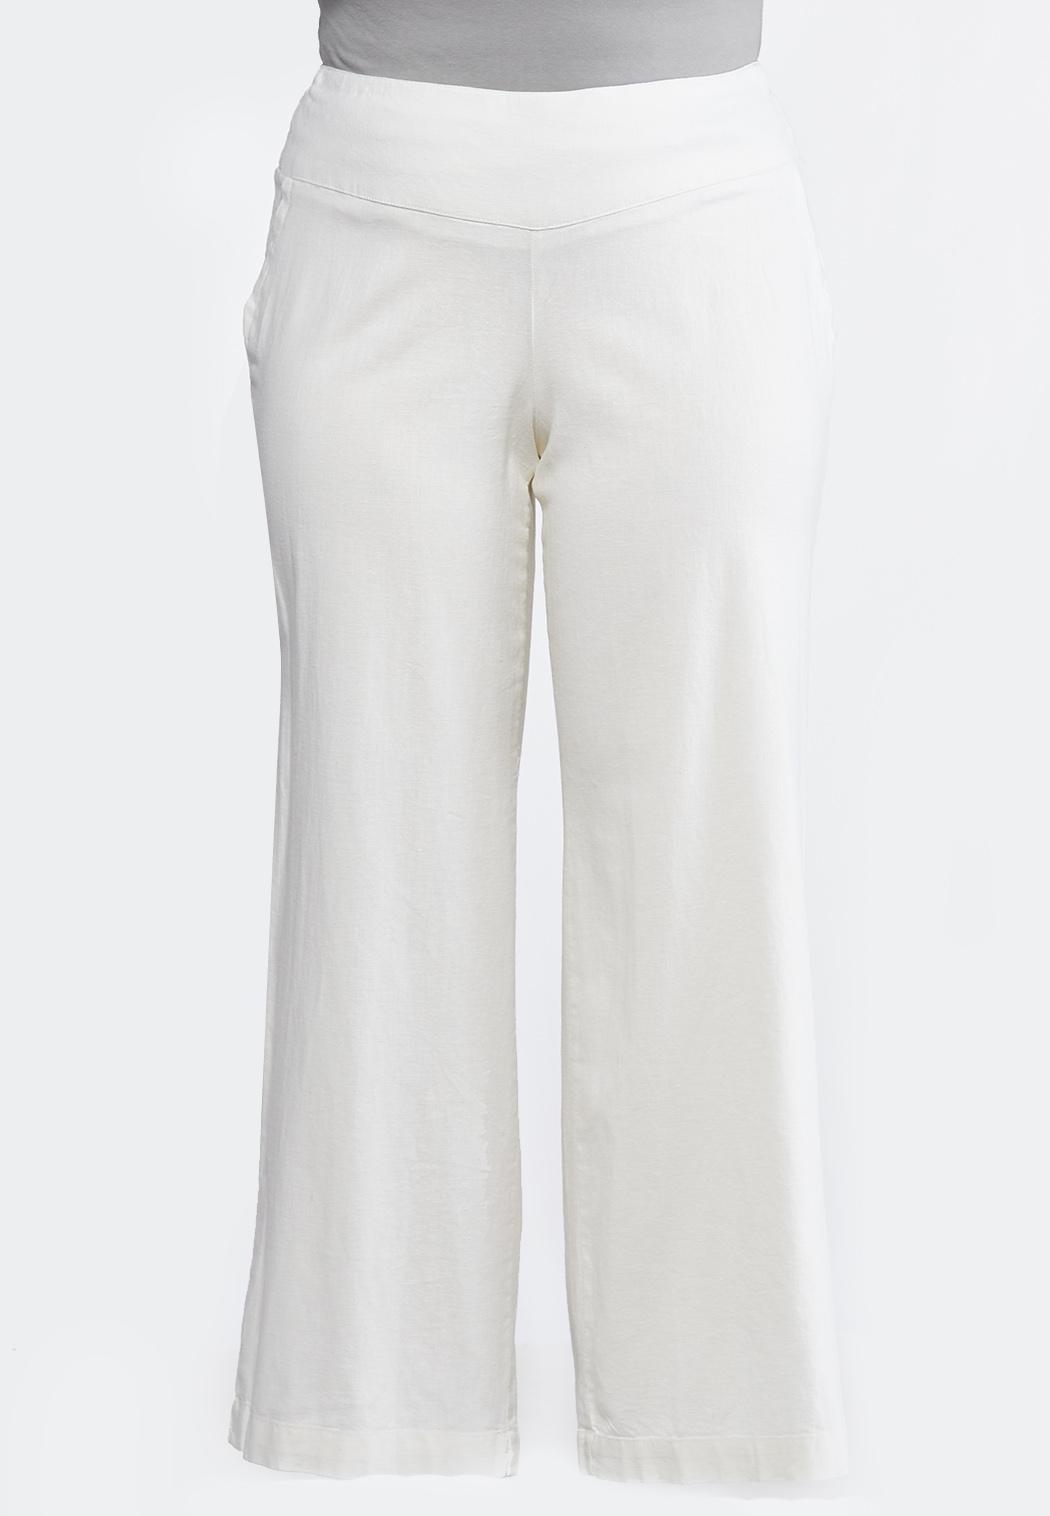 9740fa4a6d Plus Size Wide Leg Linen Pants Pants Cato Fashions